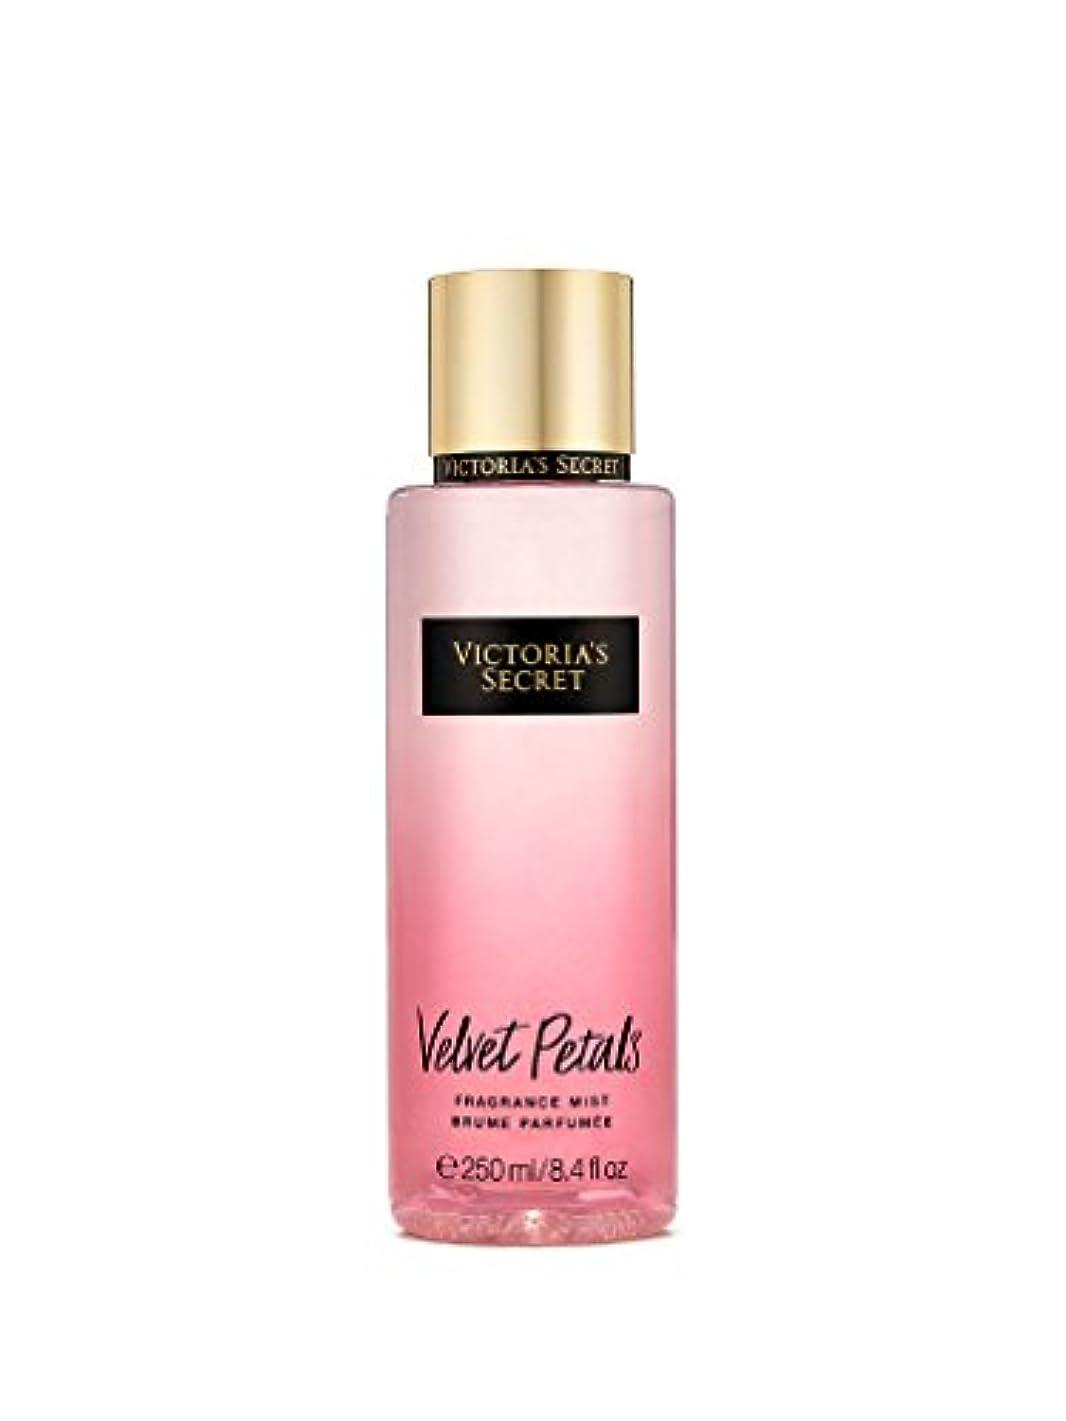 ドメインセラー航空会社【並行輸入品】Victoria's Secret Velvet Petals Fragrance Mist ヴィクトリアズシークレットベルベットぺタルズミスト250 ml